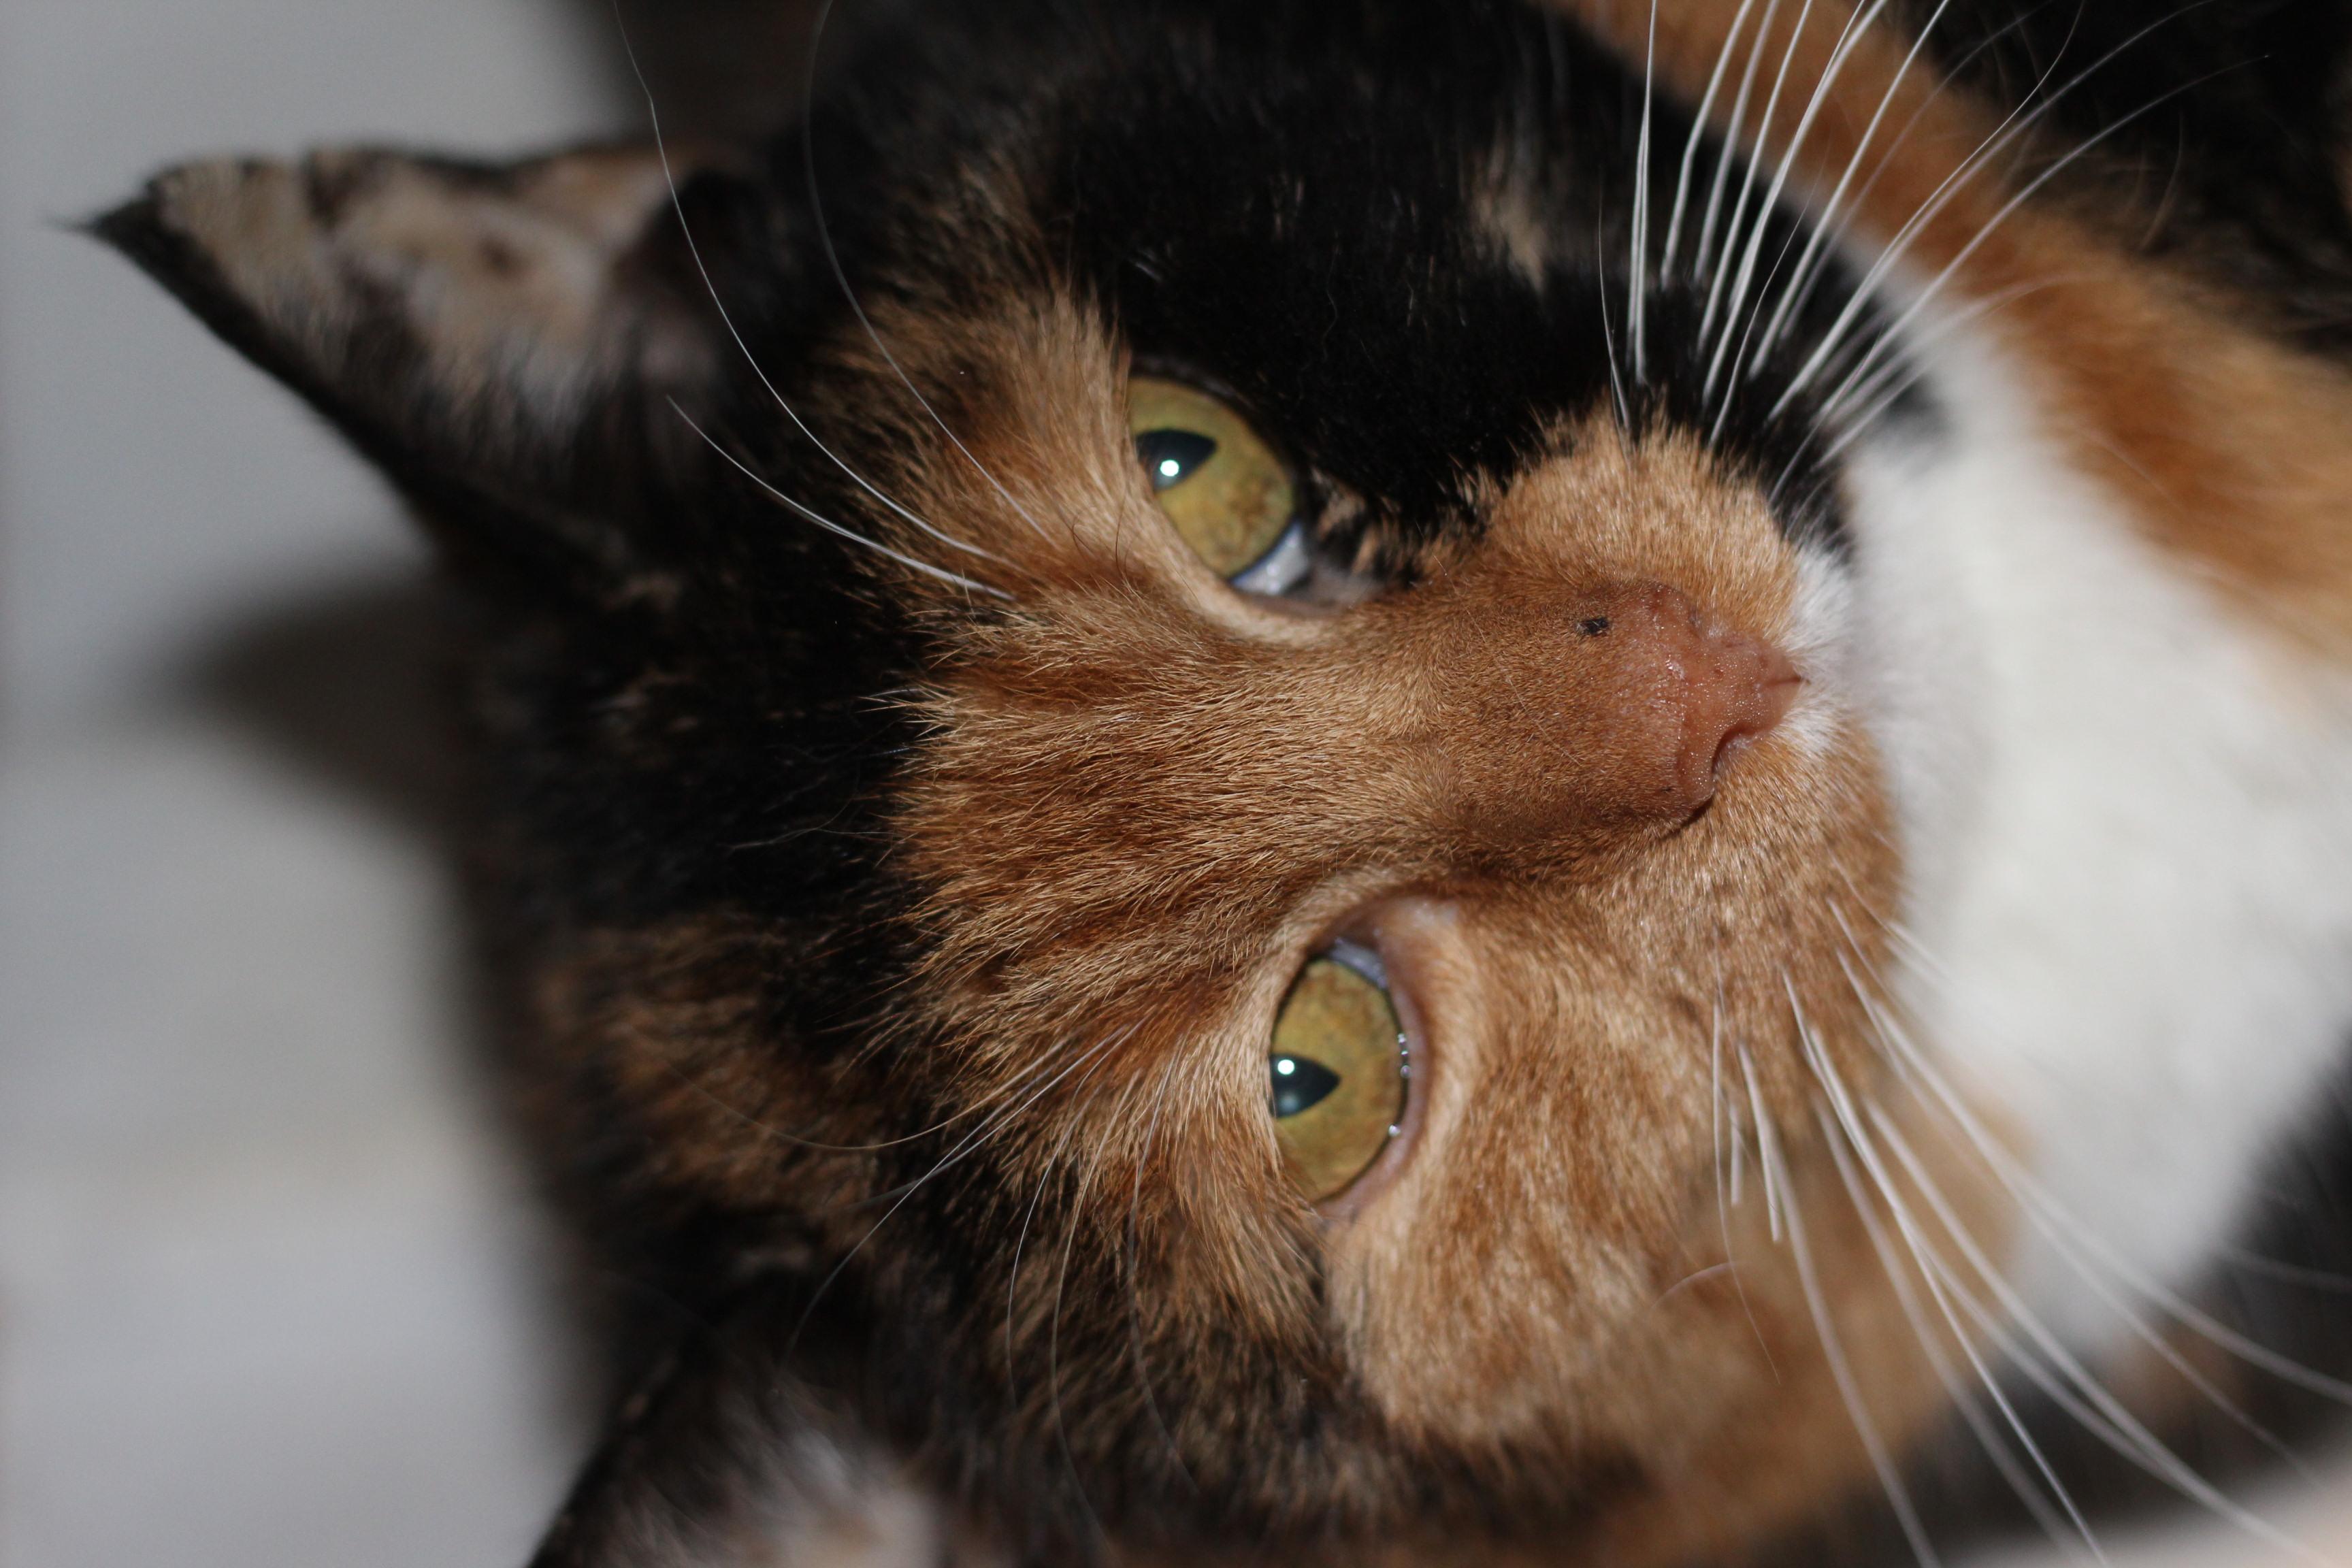 Wilma er en lækker hunkat på 3 år. hun har levet udenfor længe - hun kan derfor være udekat og holde et sted fri for rotter og mus